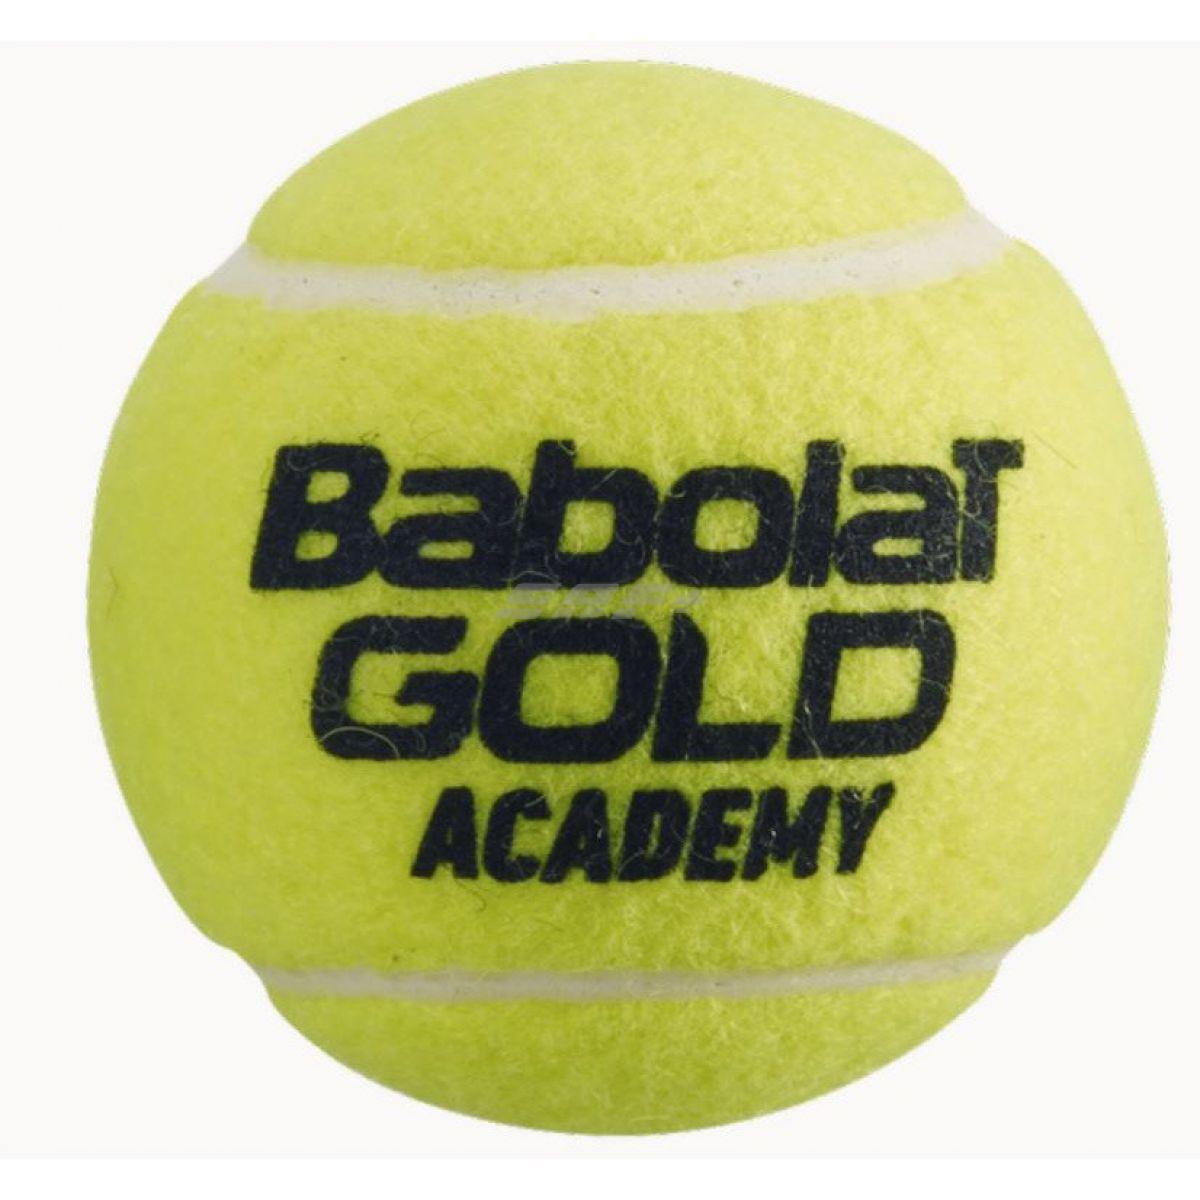 Мяч теннисный BABOLAT GOLD ACADEMY, арт.501085, уп.3шт,одобр.ITF,сукно,нат.резина,желт